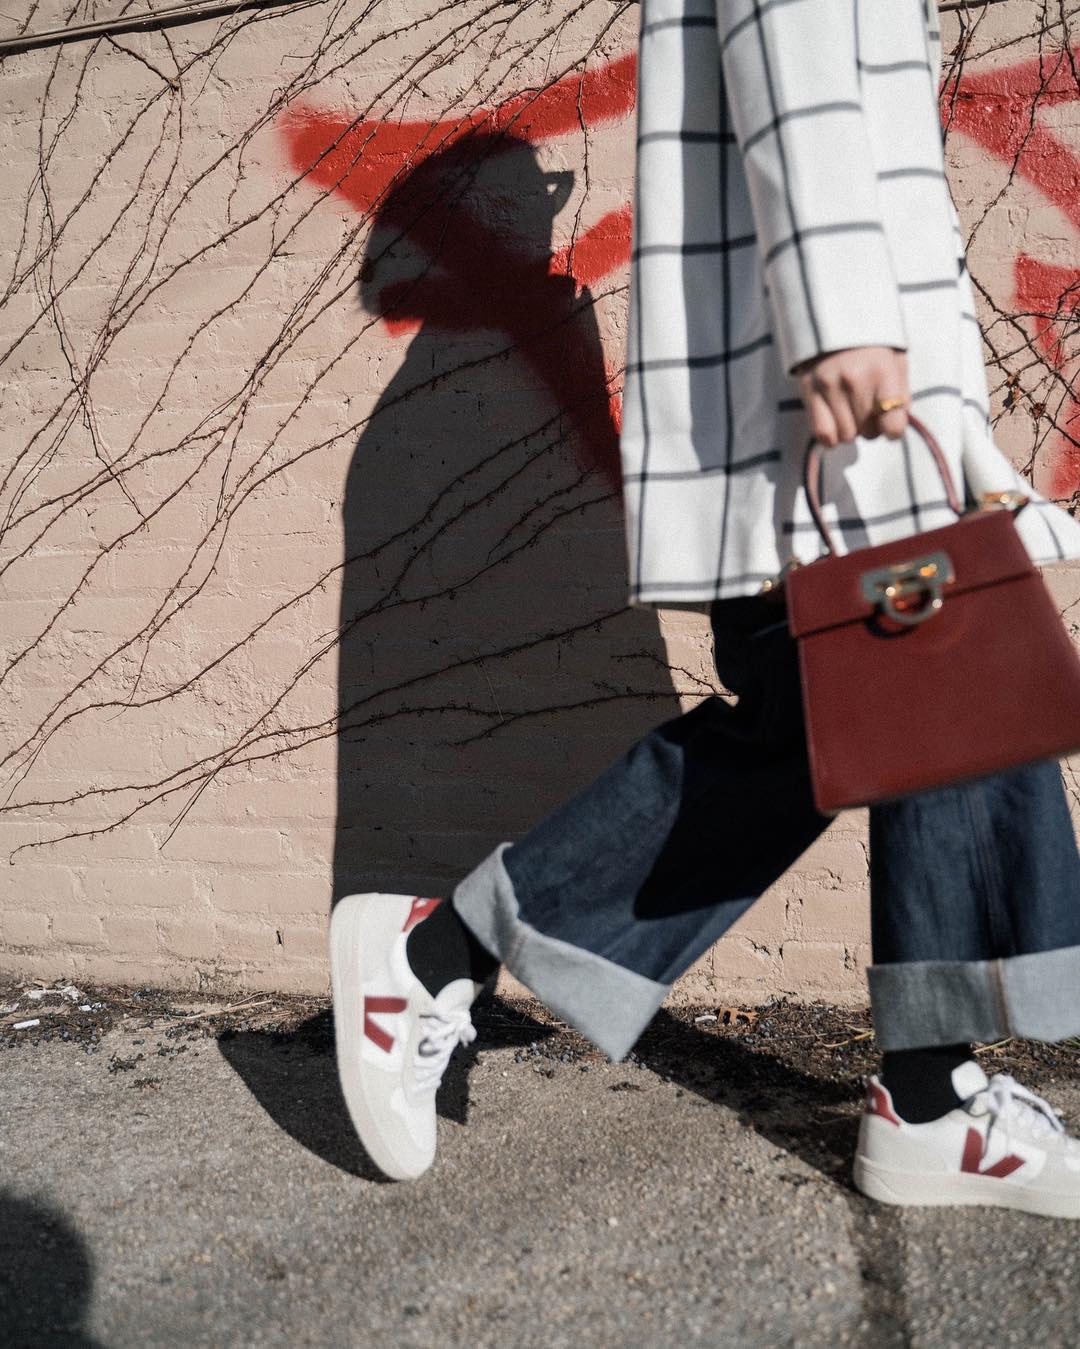 Diện quần jeans, chưa chắc là bạn đã có vẻ ngoài sành điệu nếu không mix với 4 mẫu giày sau đây - Ảnh 9